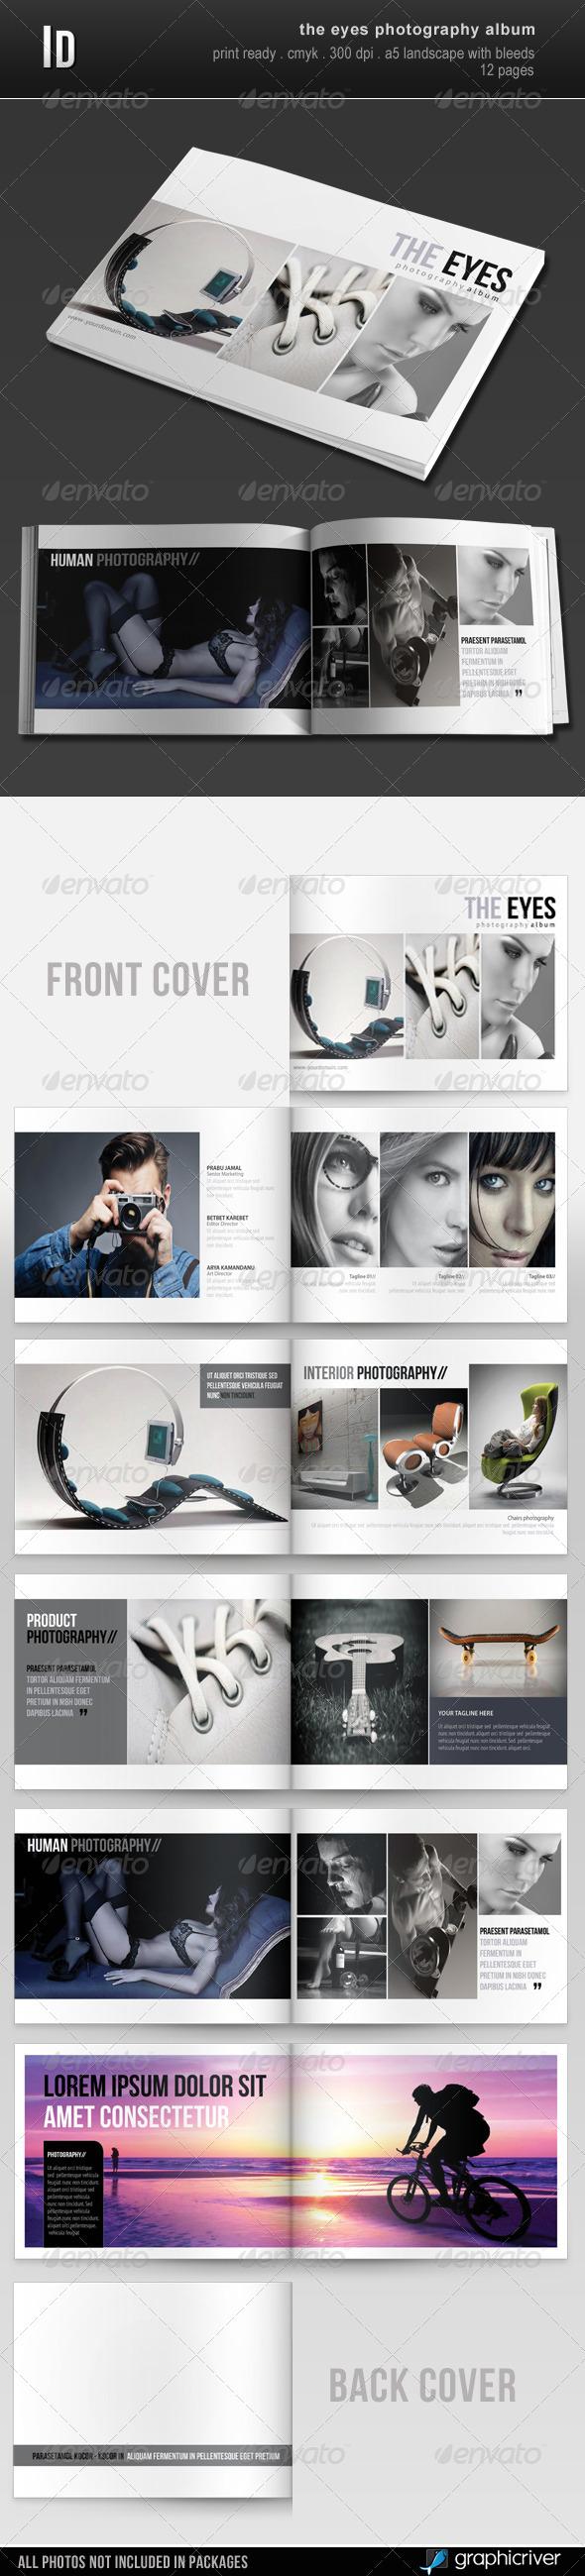 photo-album-templates10